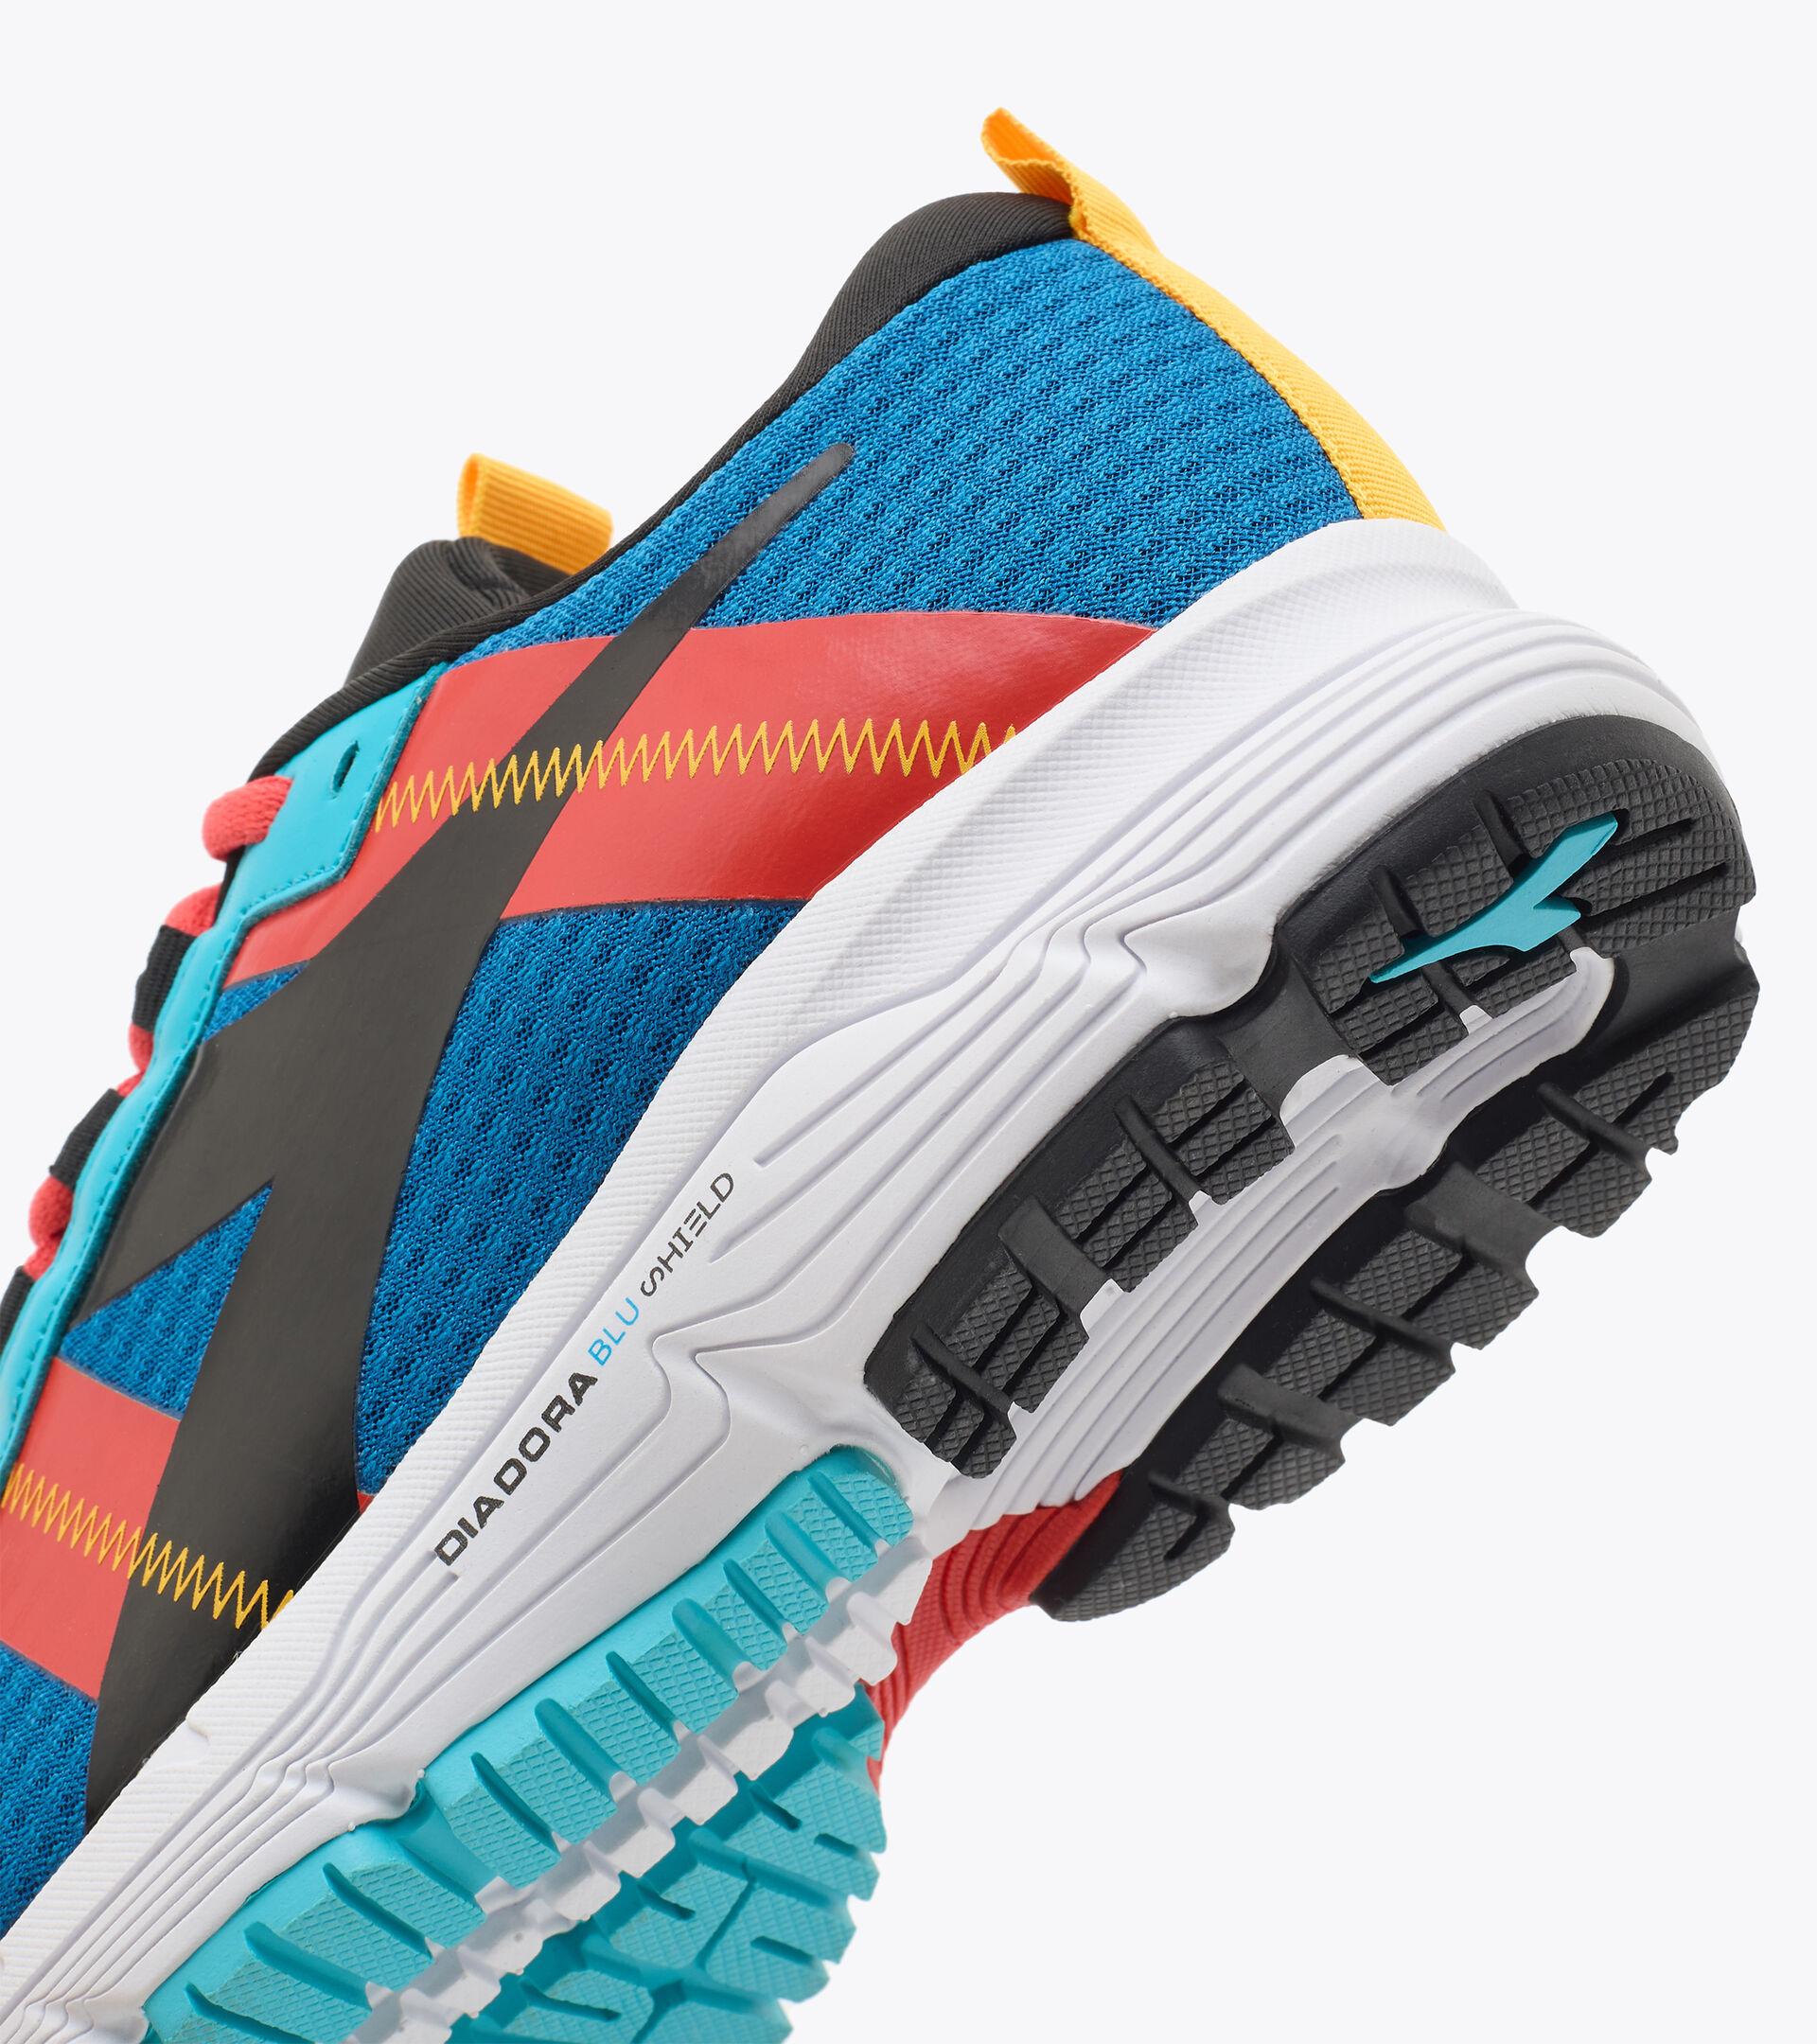 Footwear Sport BAMBINO MYTHOS BLUSHIELD ELITE 4 Y MYKONOS BLUE/BLACK/FIESTA Diadora